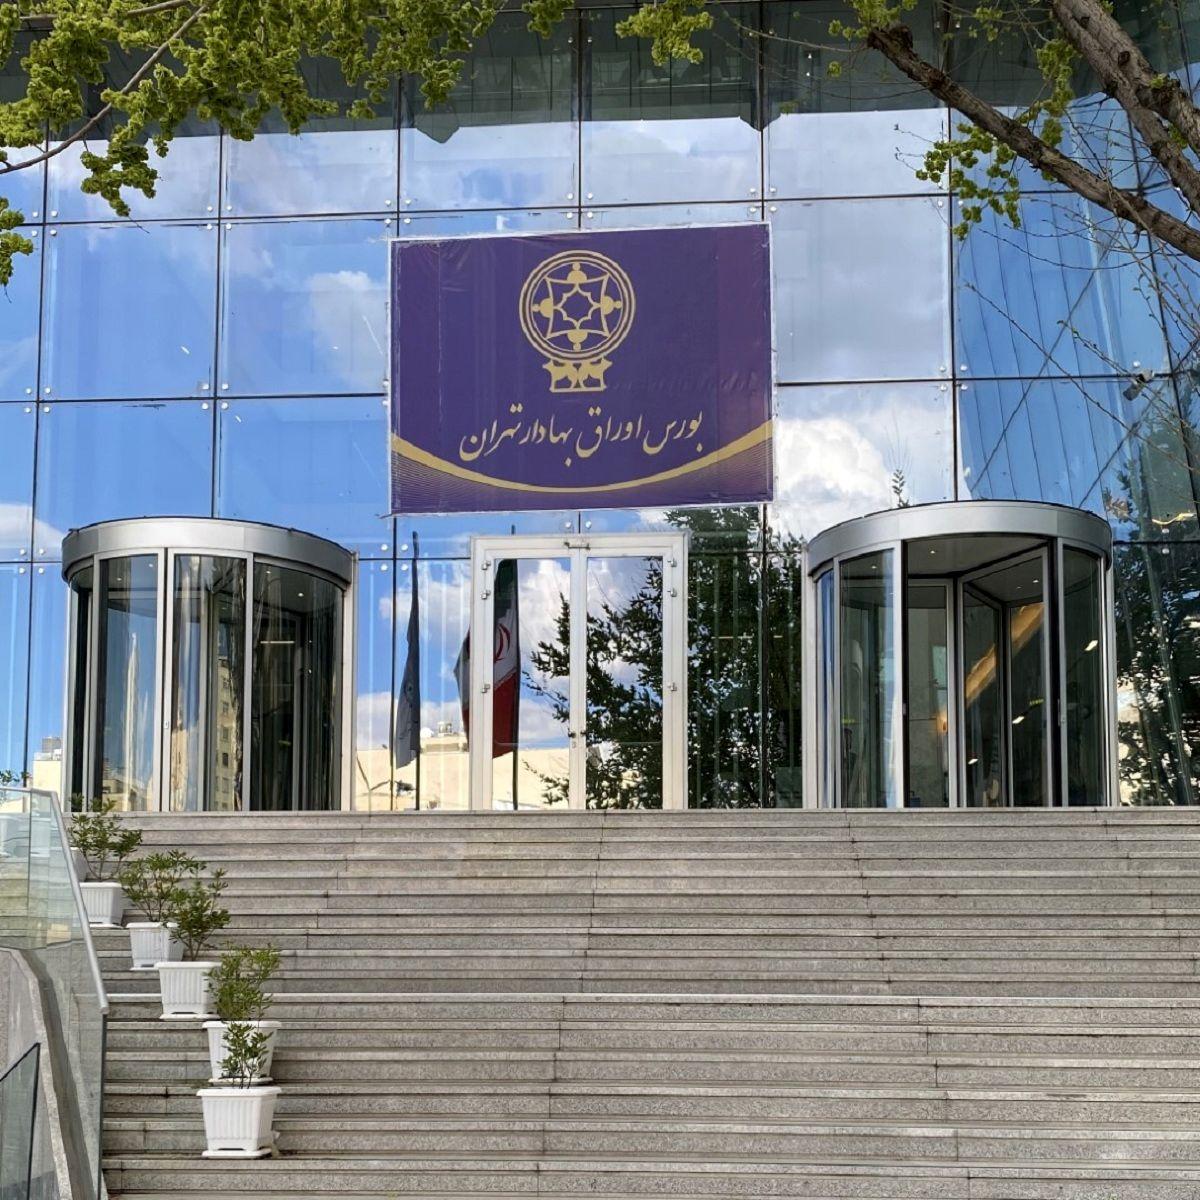 گروه سرمایه گذاری تدبیر در بورس تهران درج نماد شد